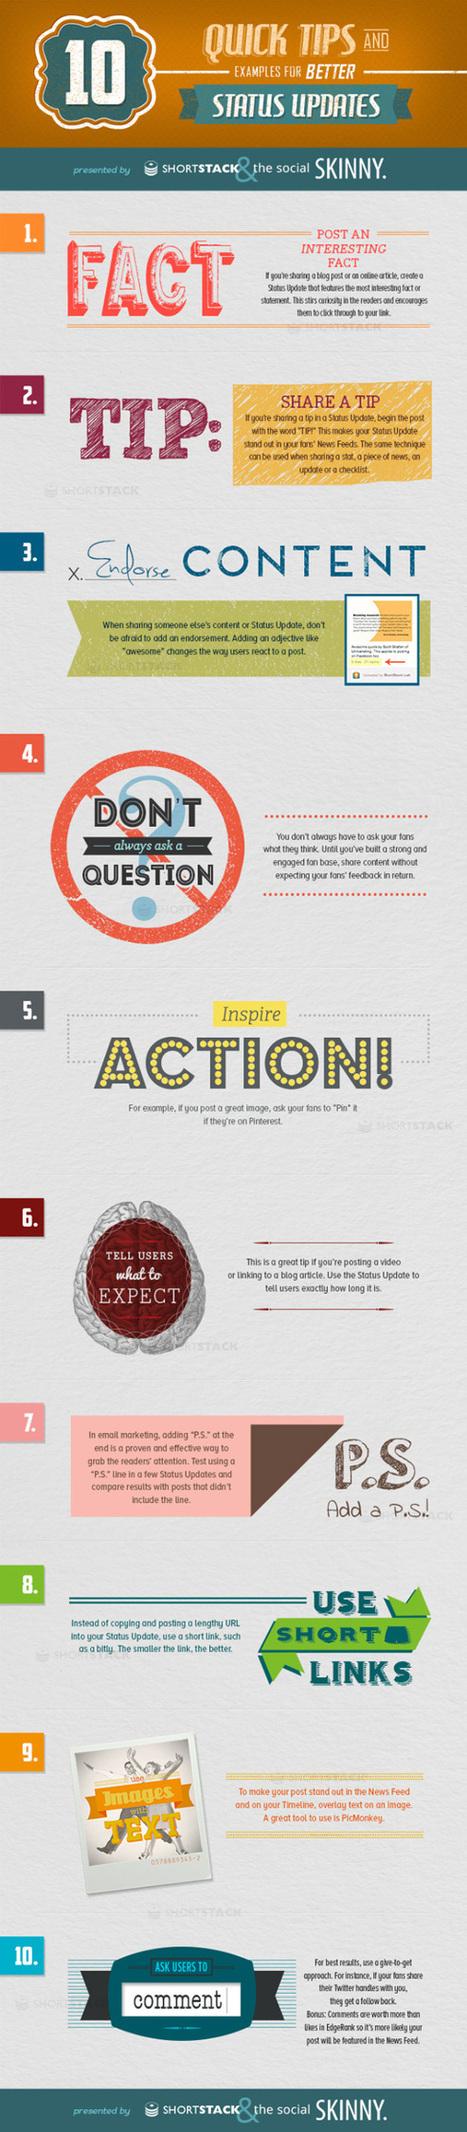 10 tips voor betere social media updates [infographic] - Twittermania | Social | Scoop.it